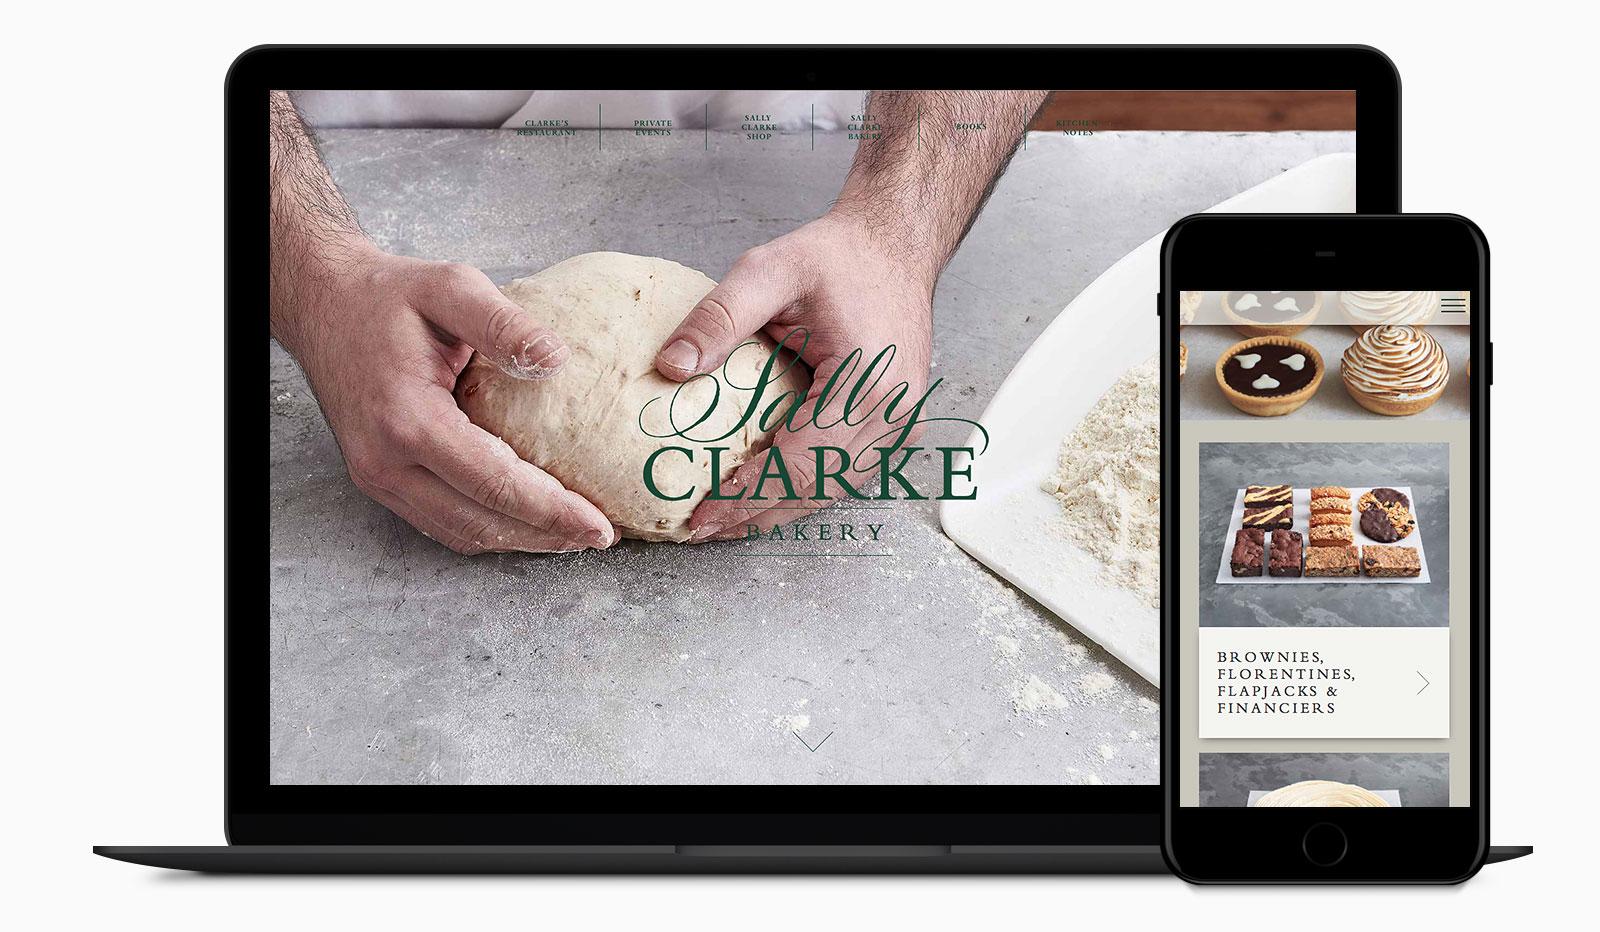 sallyclarke_bakery